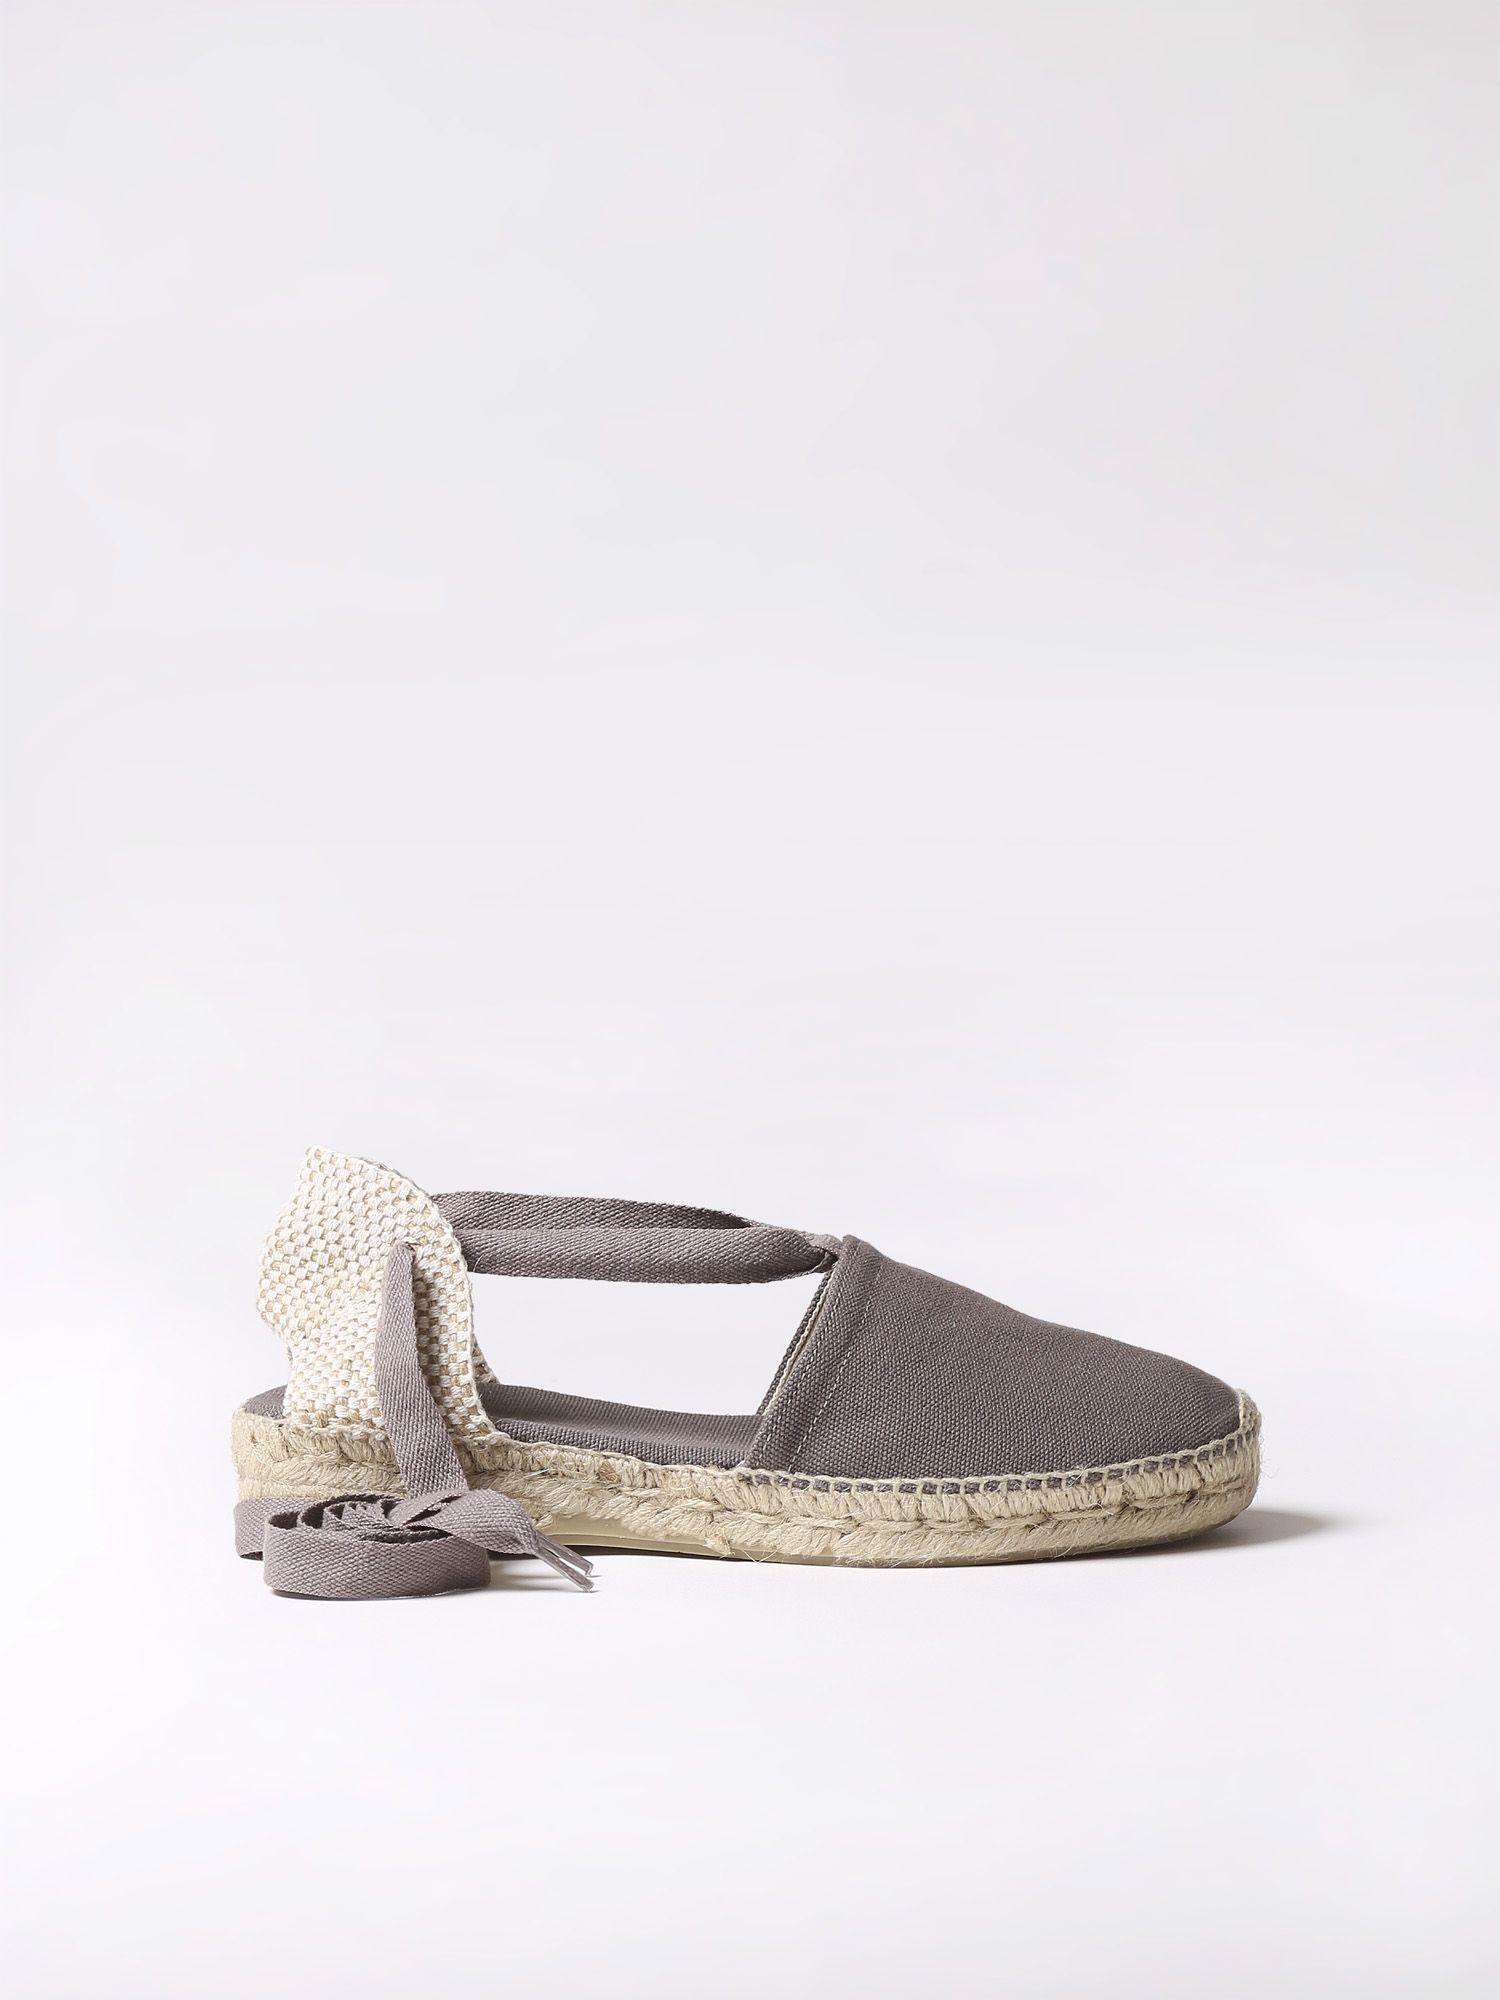 Valenciana espadrille low heel - GRECIA